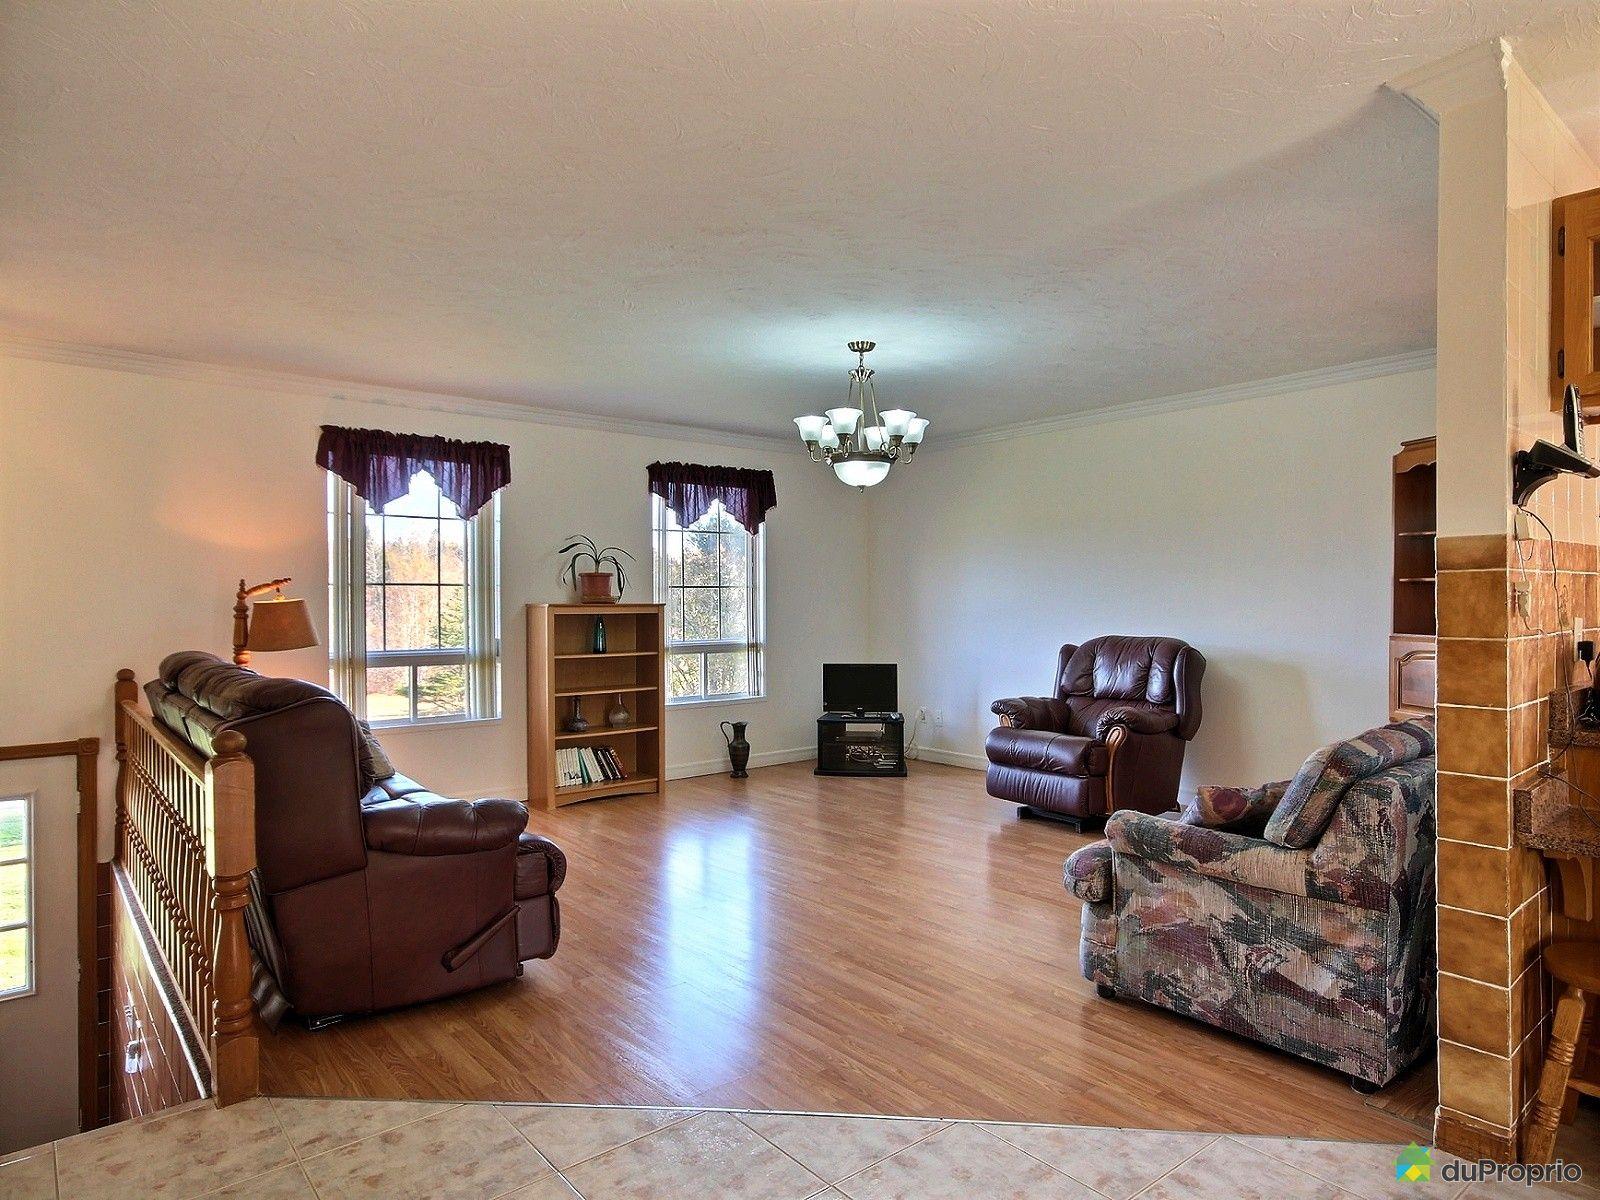 bungalow sur lev vendre lac drolet 729 rue drolet immobilier qu bec duproprio 660391. Black Bedroom Furniture Sets. Home Design Ideas